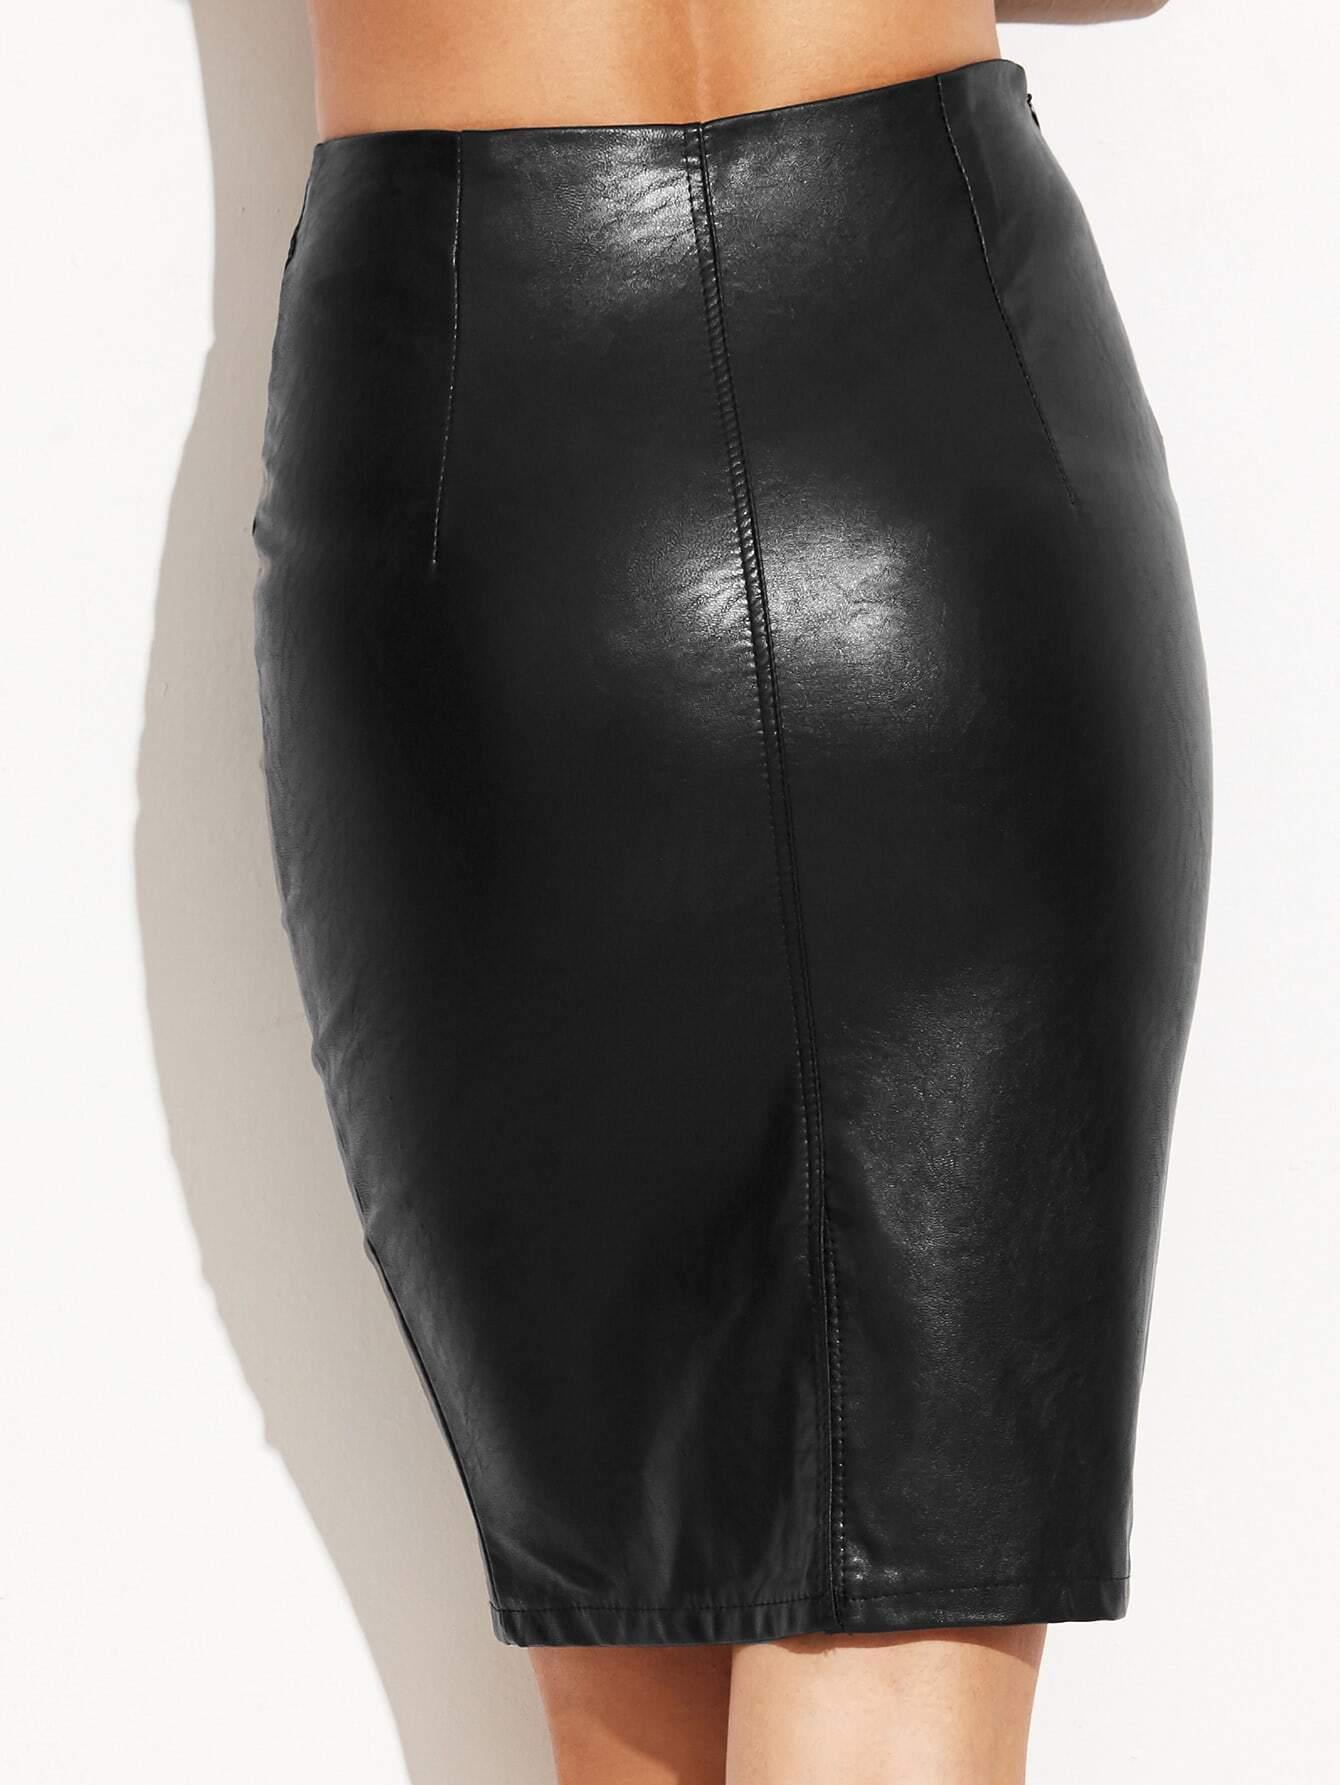 skirt160830101_2